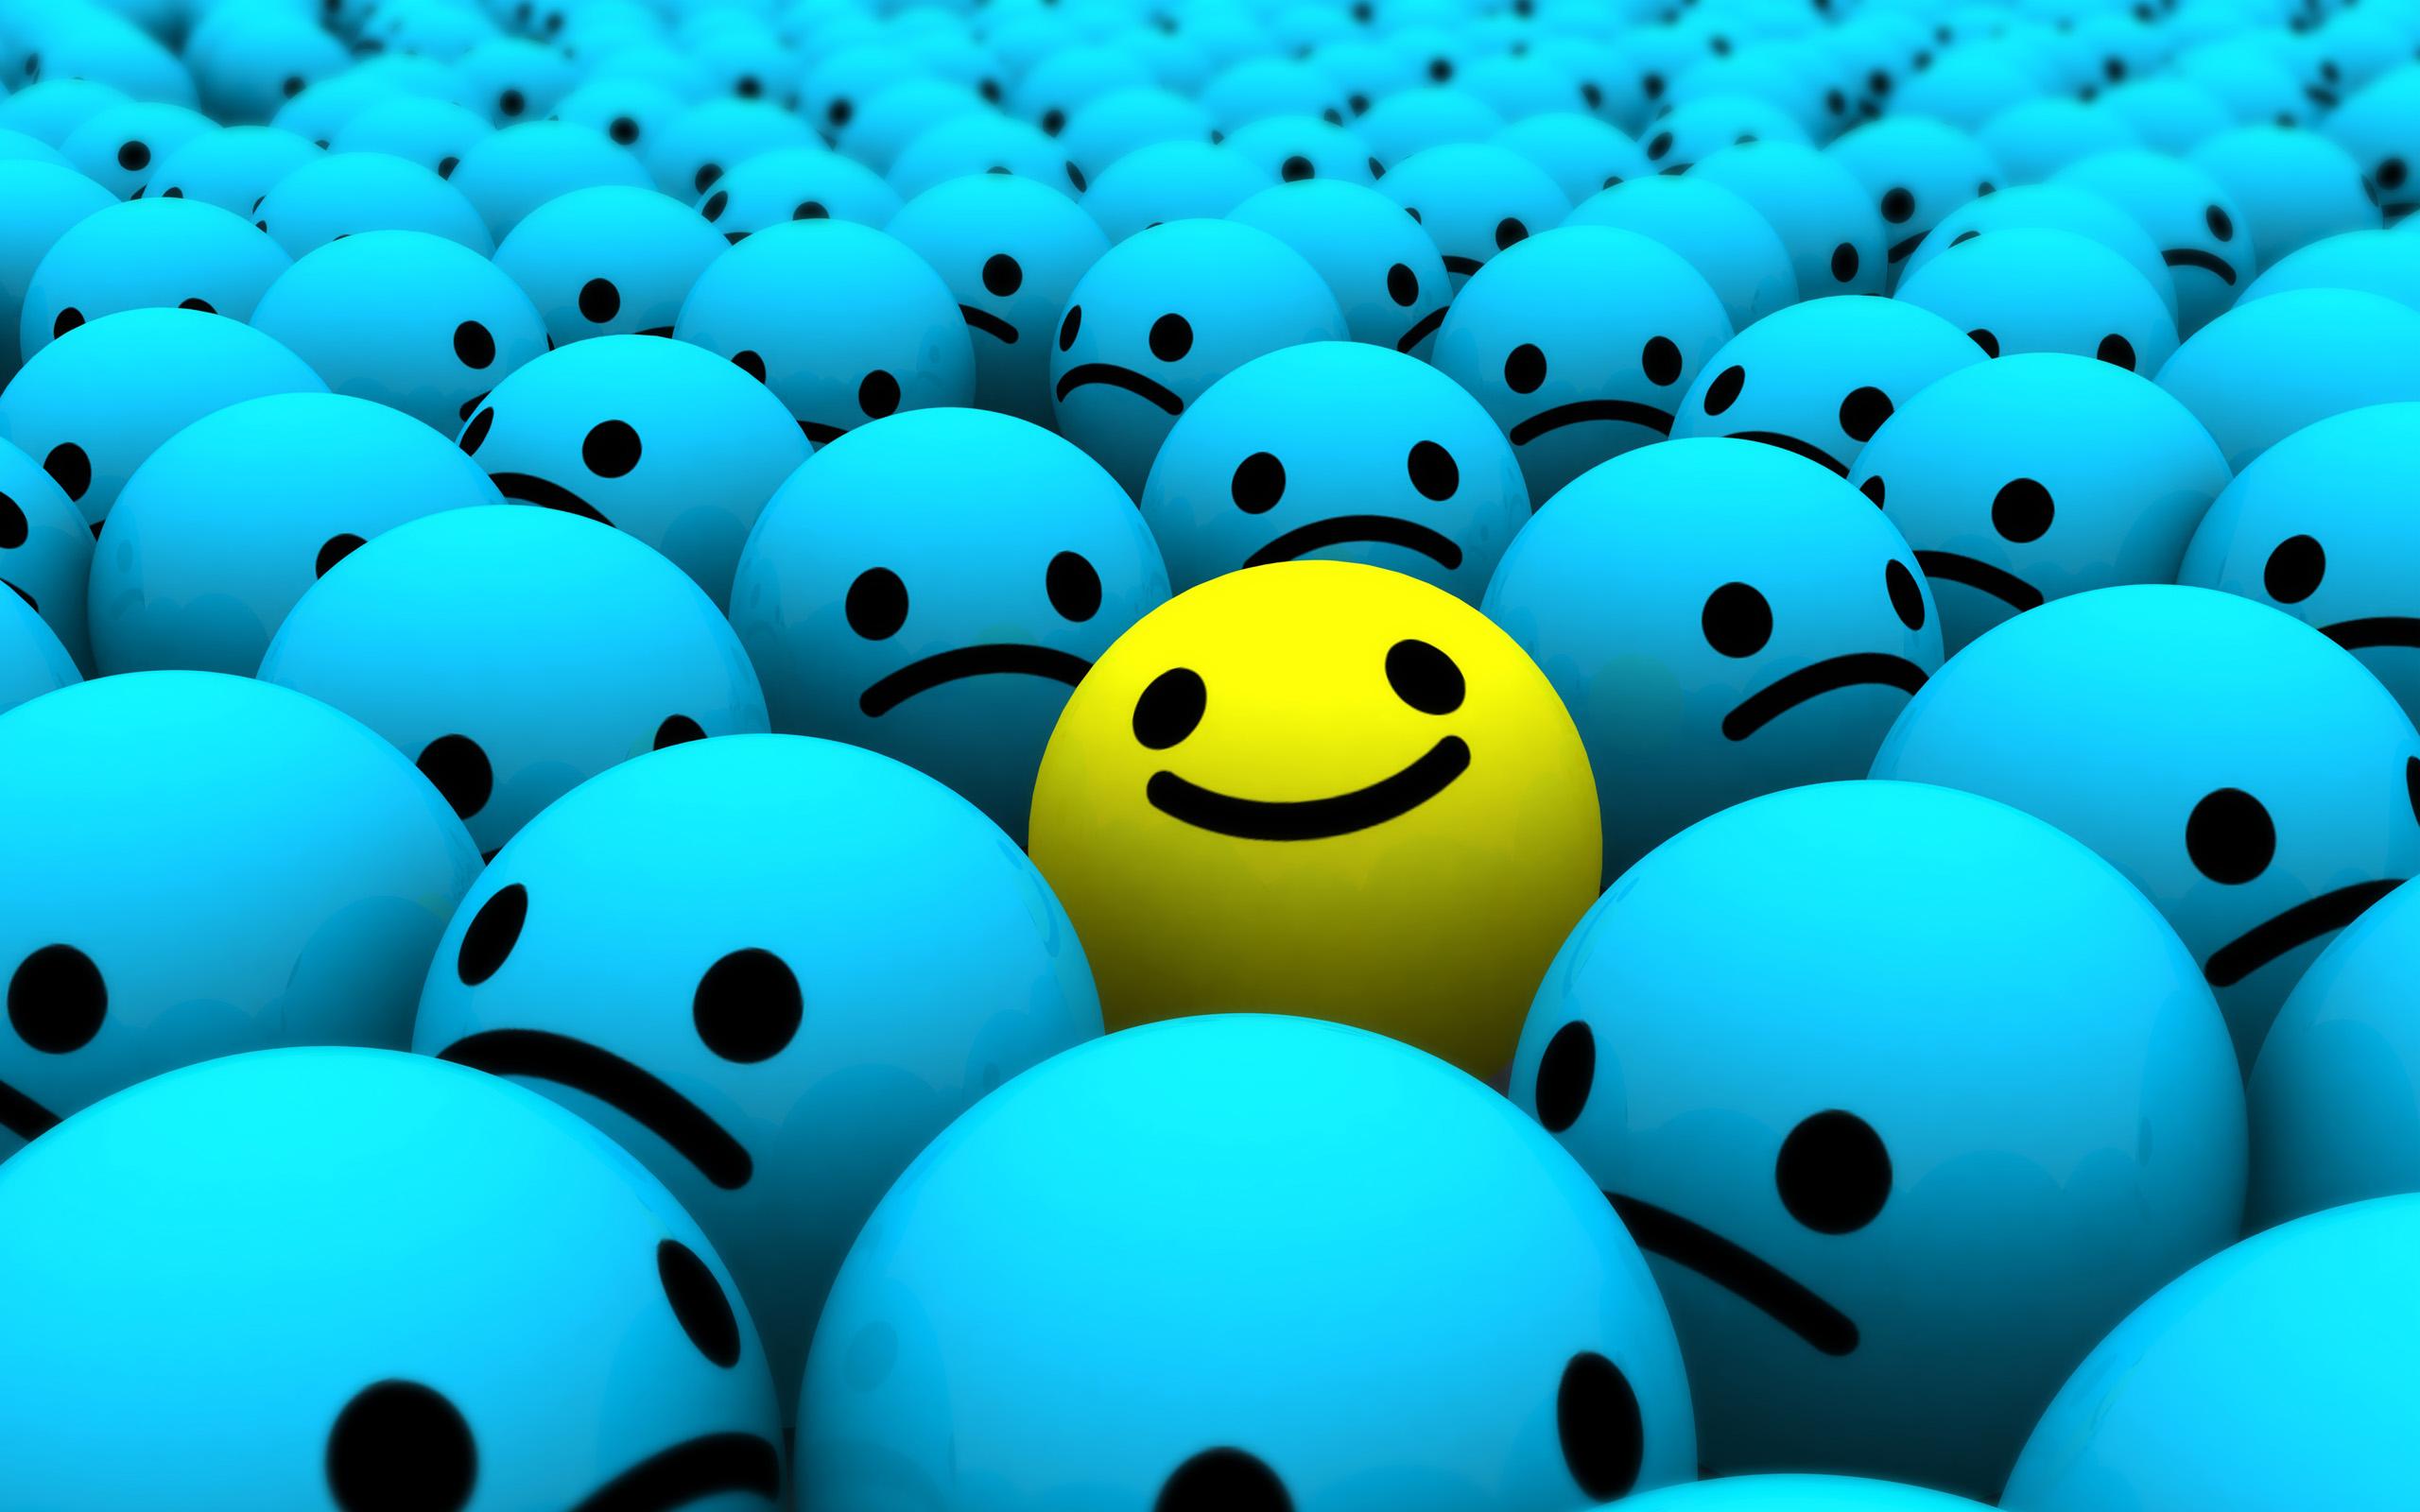 Discuter avec des inconnus ou leur sourire dans la rue ou ailleurs fait le plus grand bien ! Smiley-adulte